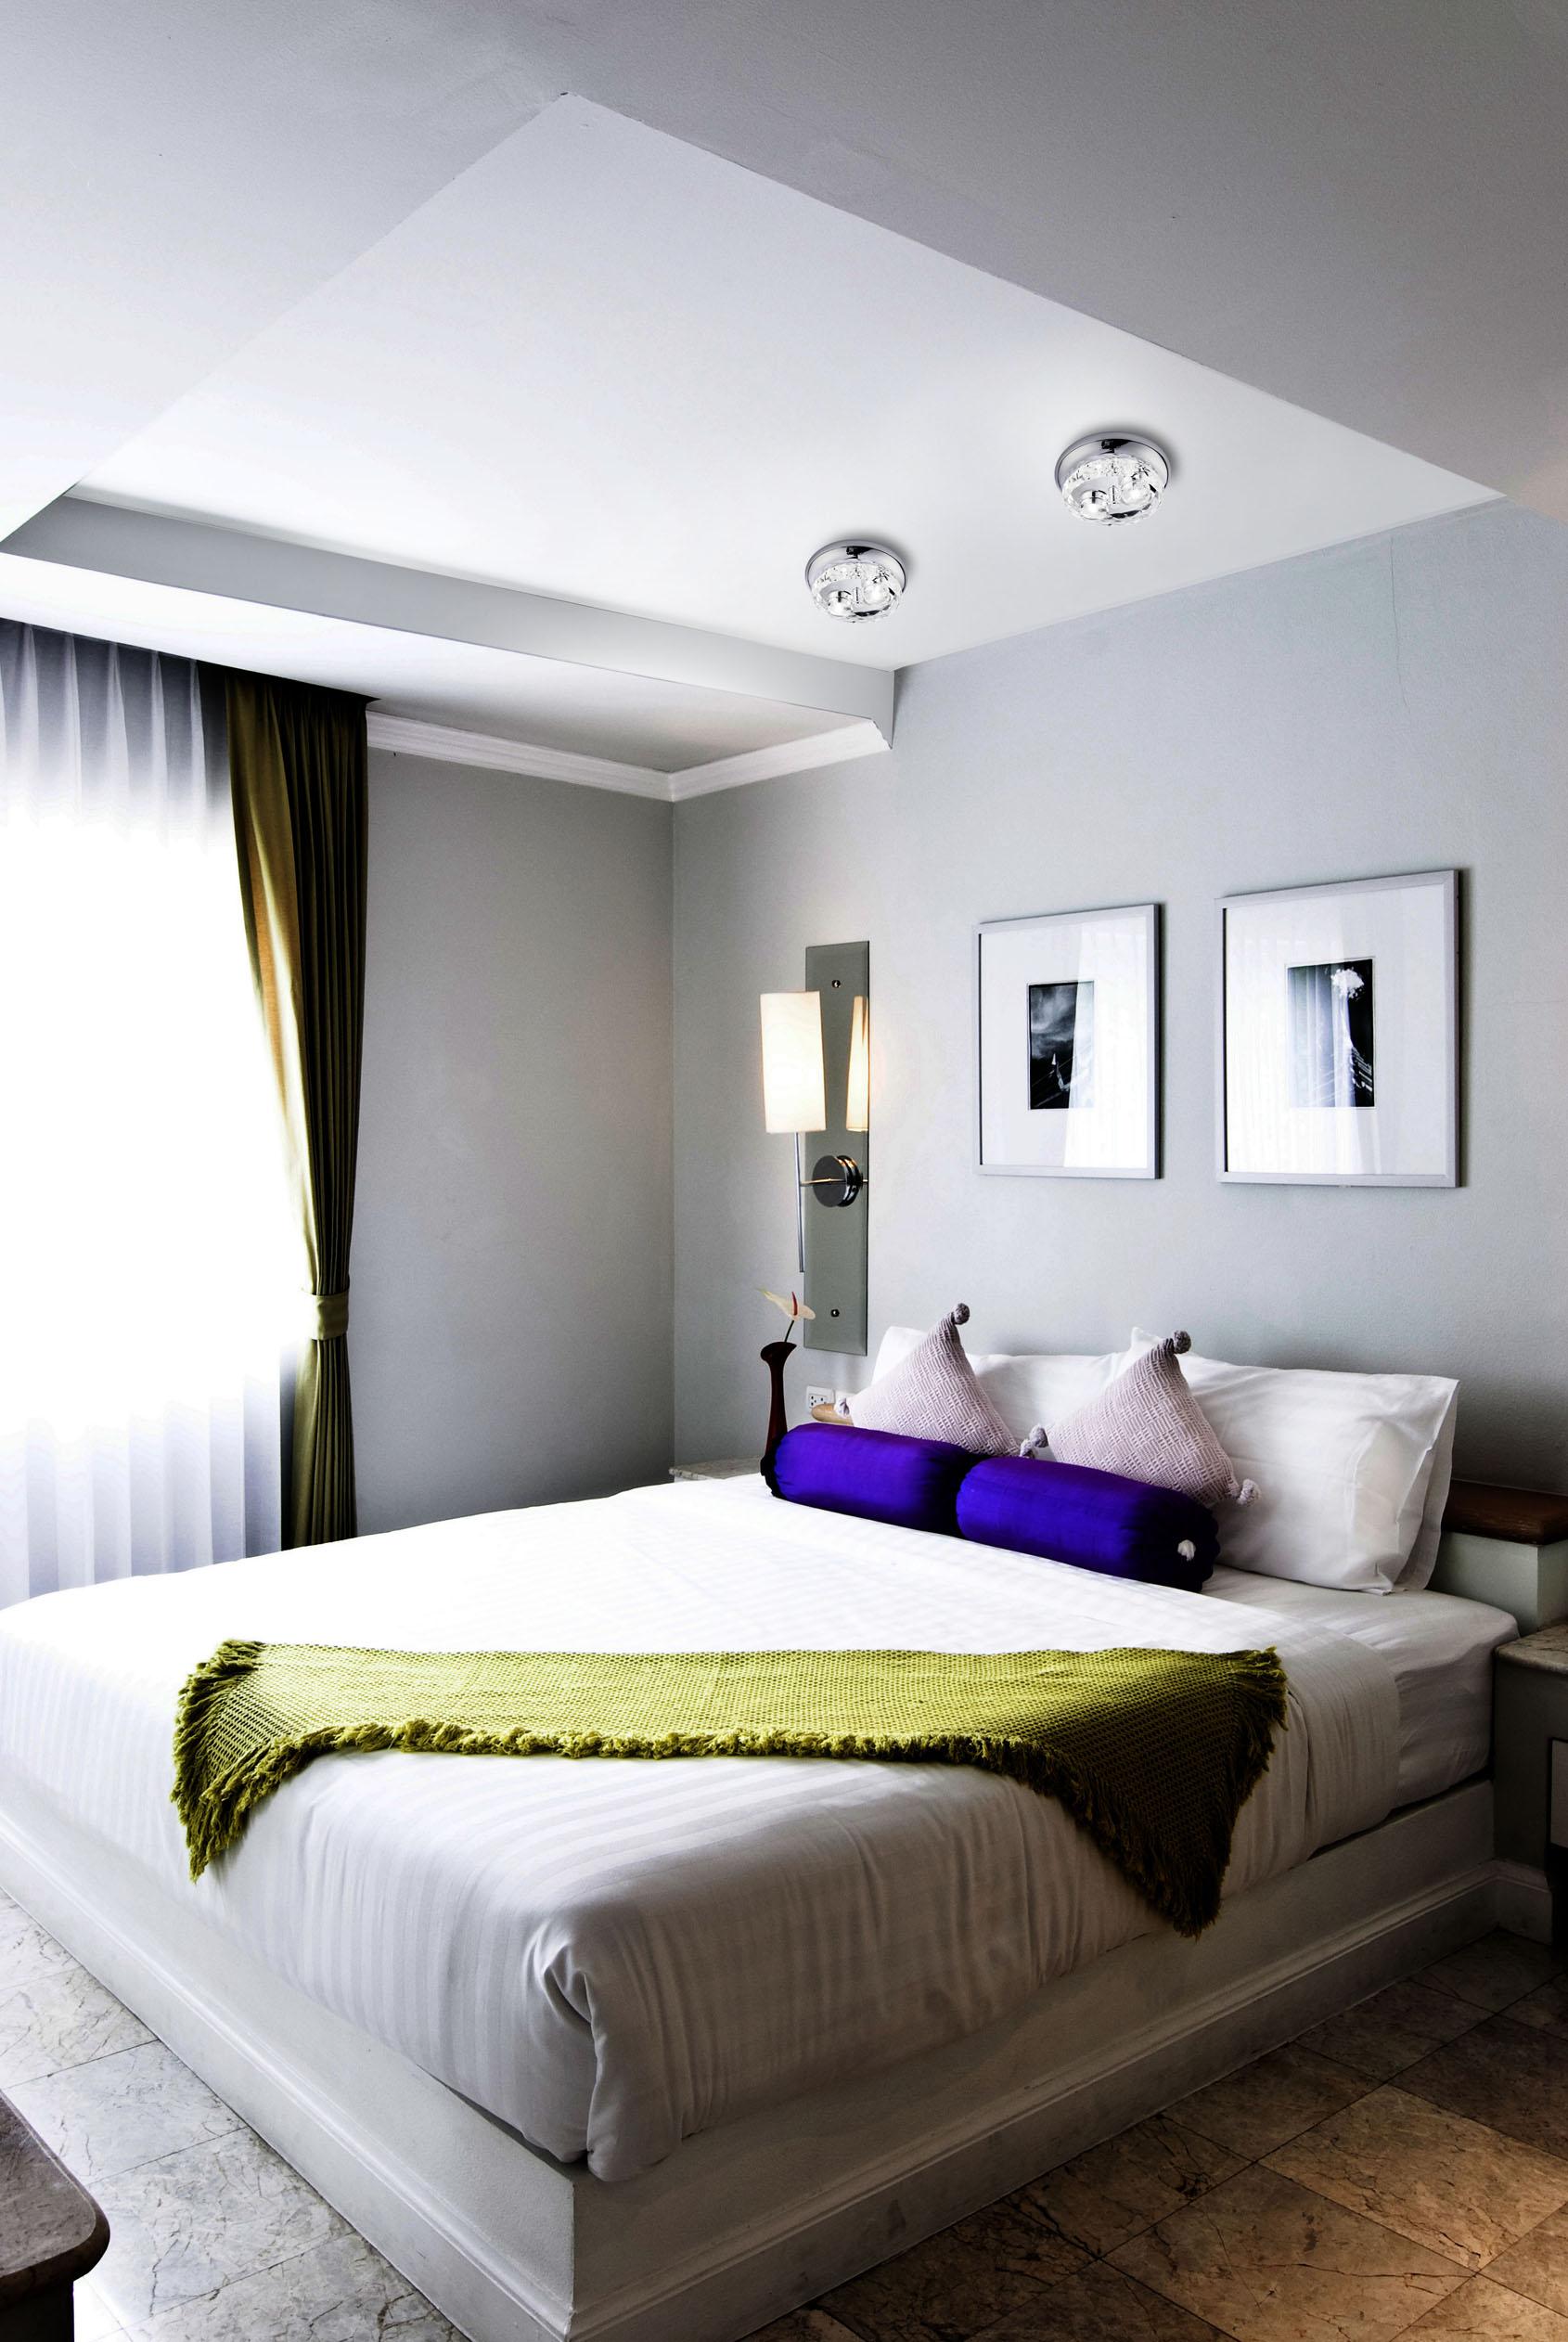 Iluminar el dormitorio algunos ejemplos que te servir n de inspiraci n - Lamparas de techo habitacion ...